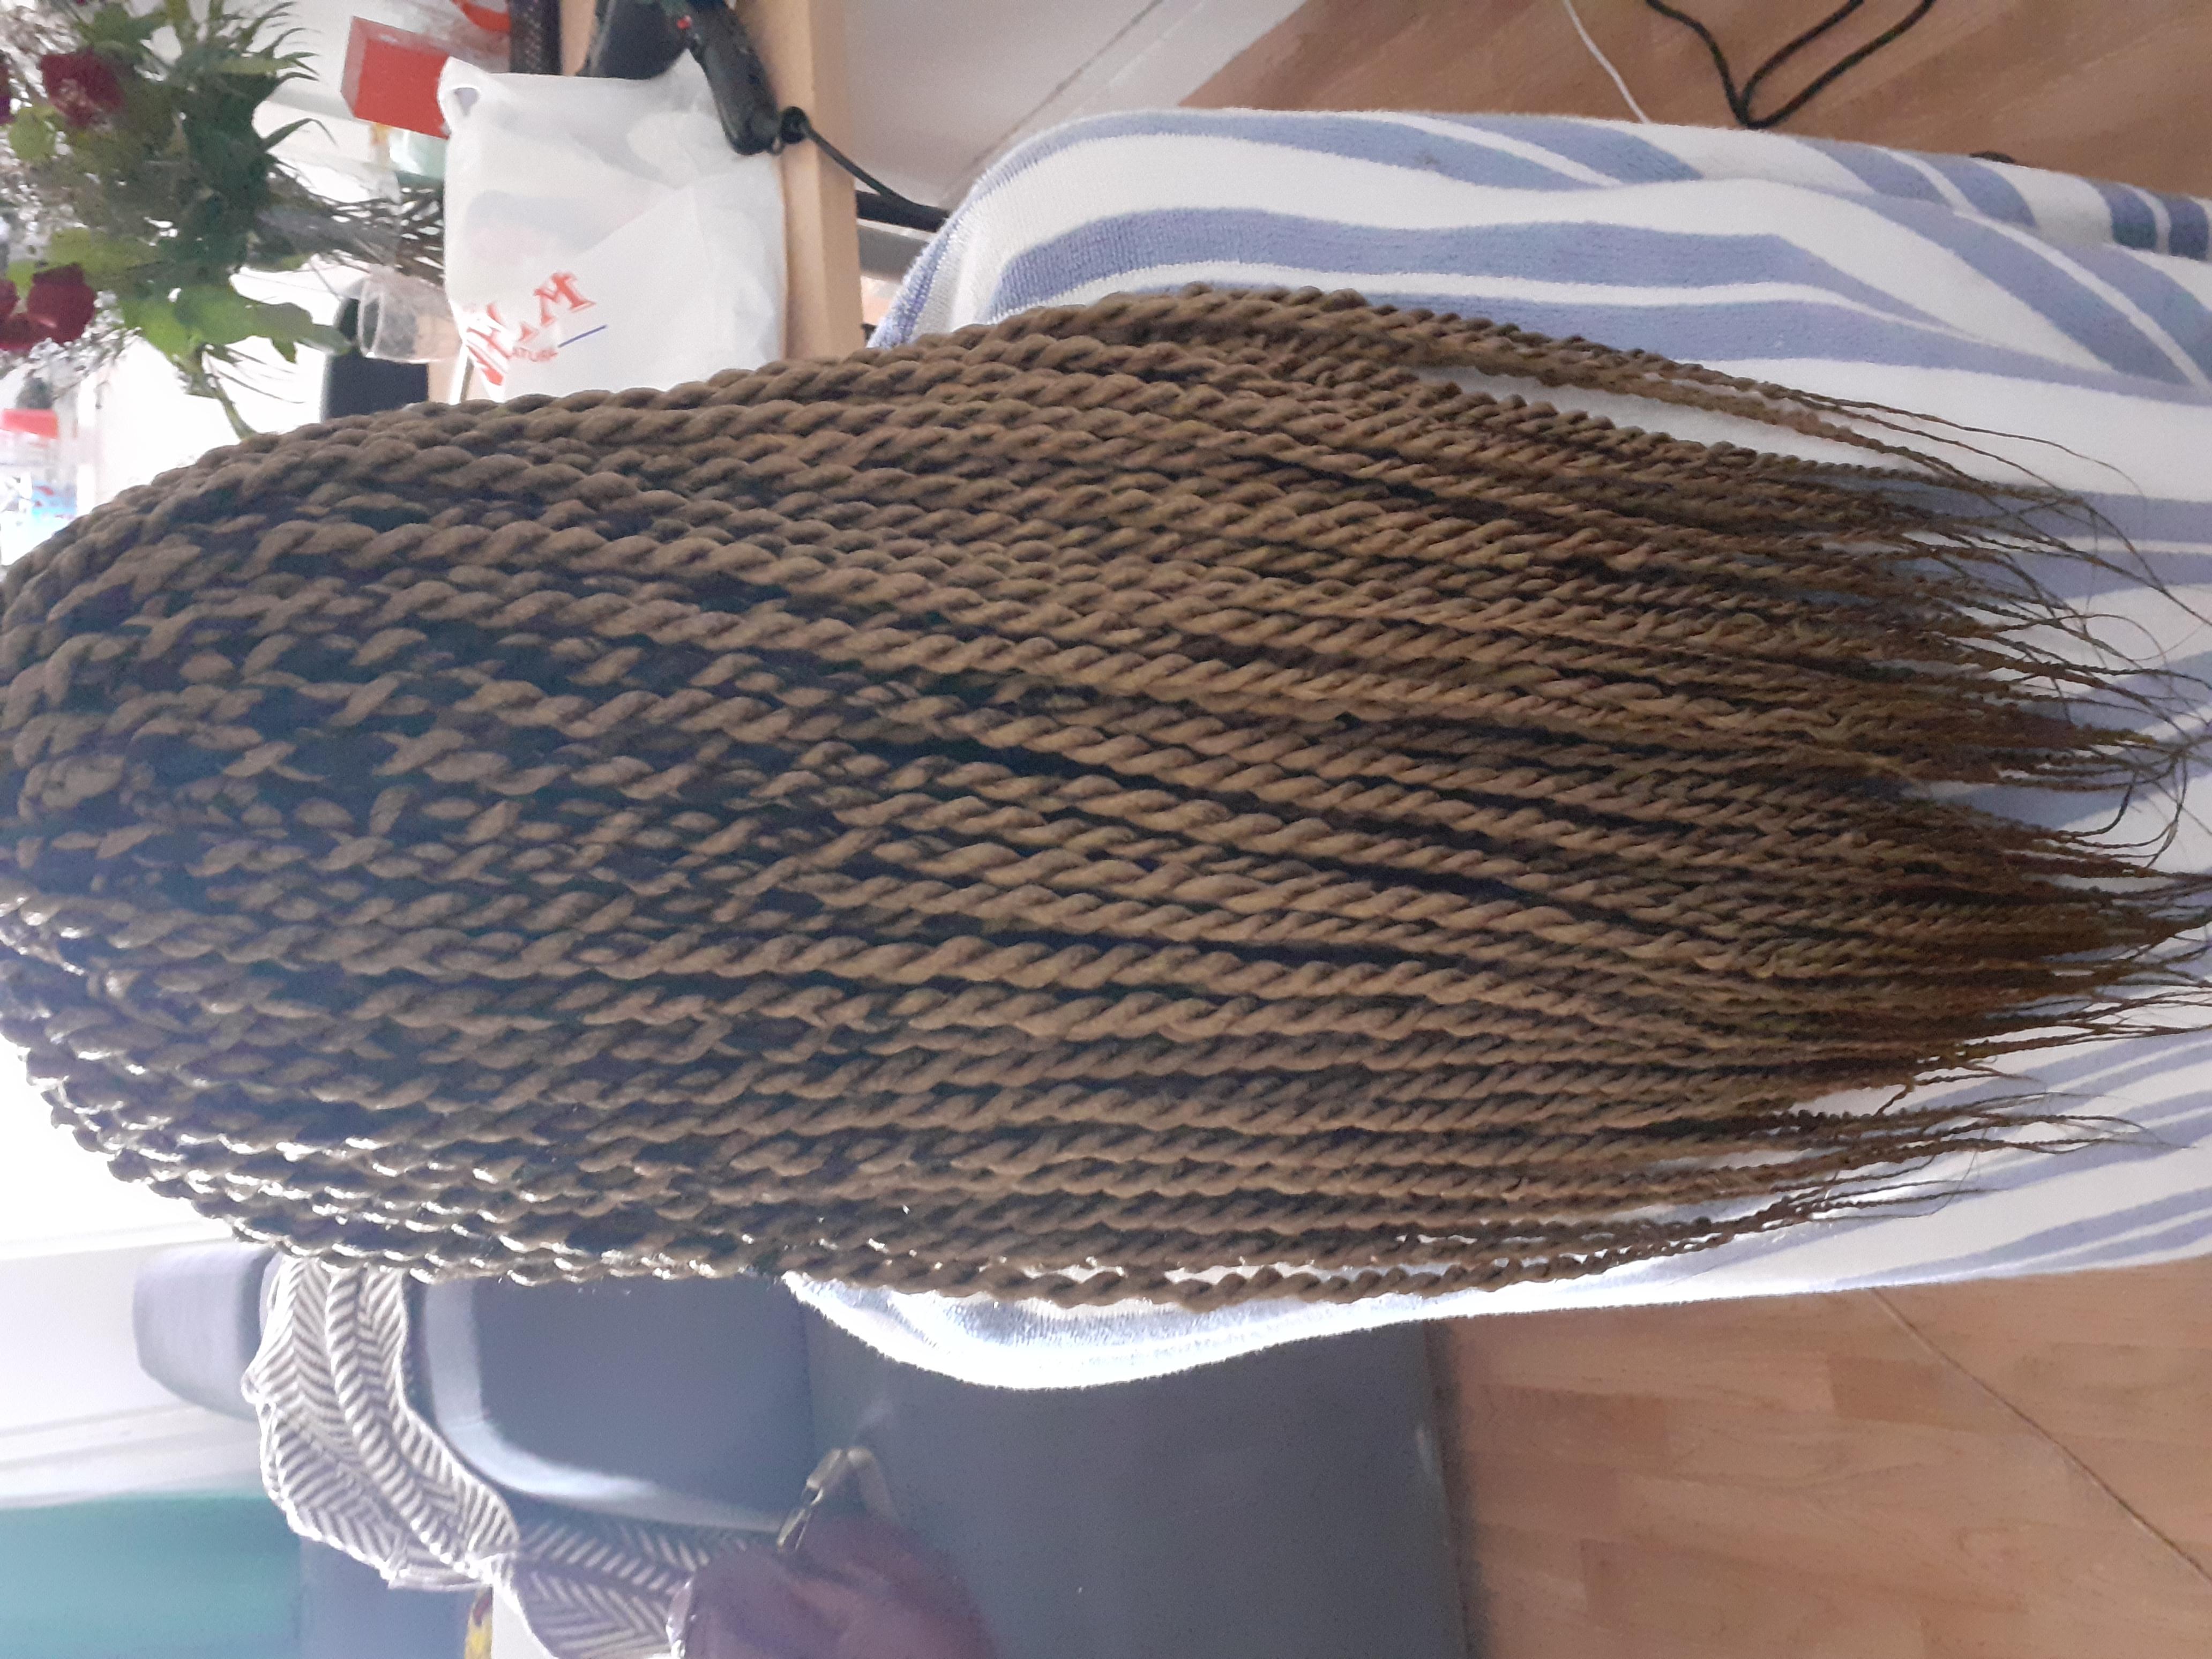 salon de coiffure afro tresse tresses box braids crochet braids vanilles tissages paris 75 77 78 91 92 93 94 95 OFIKUUNB